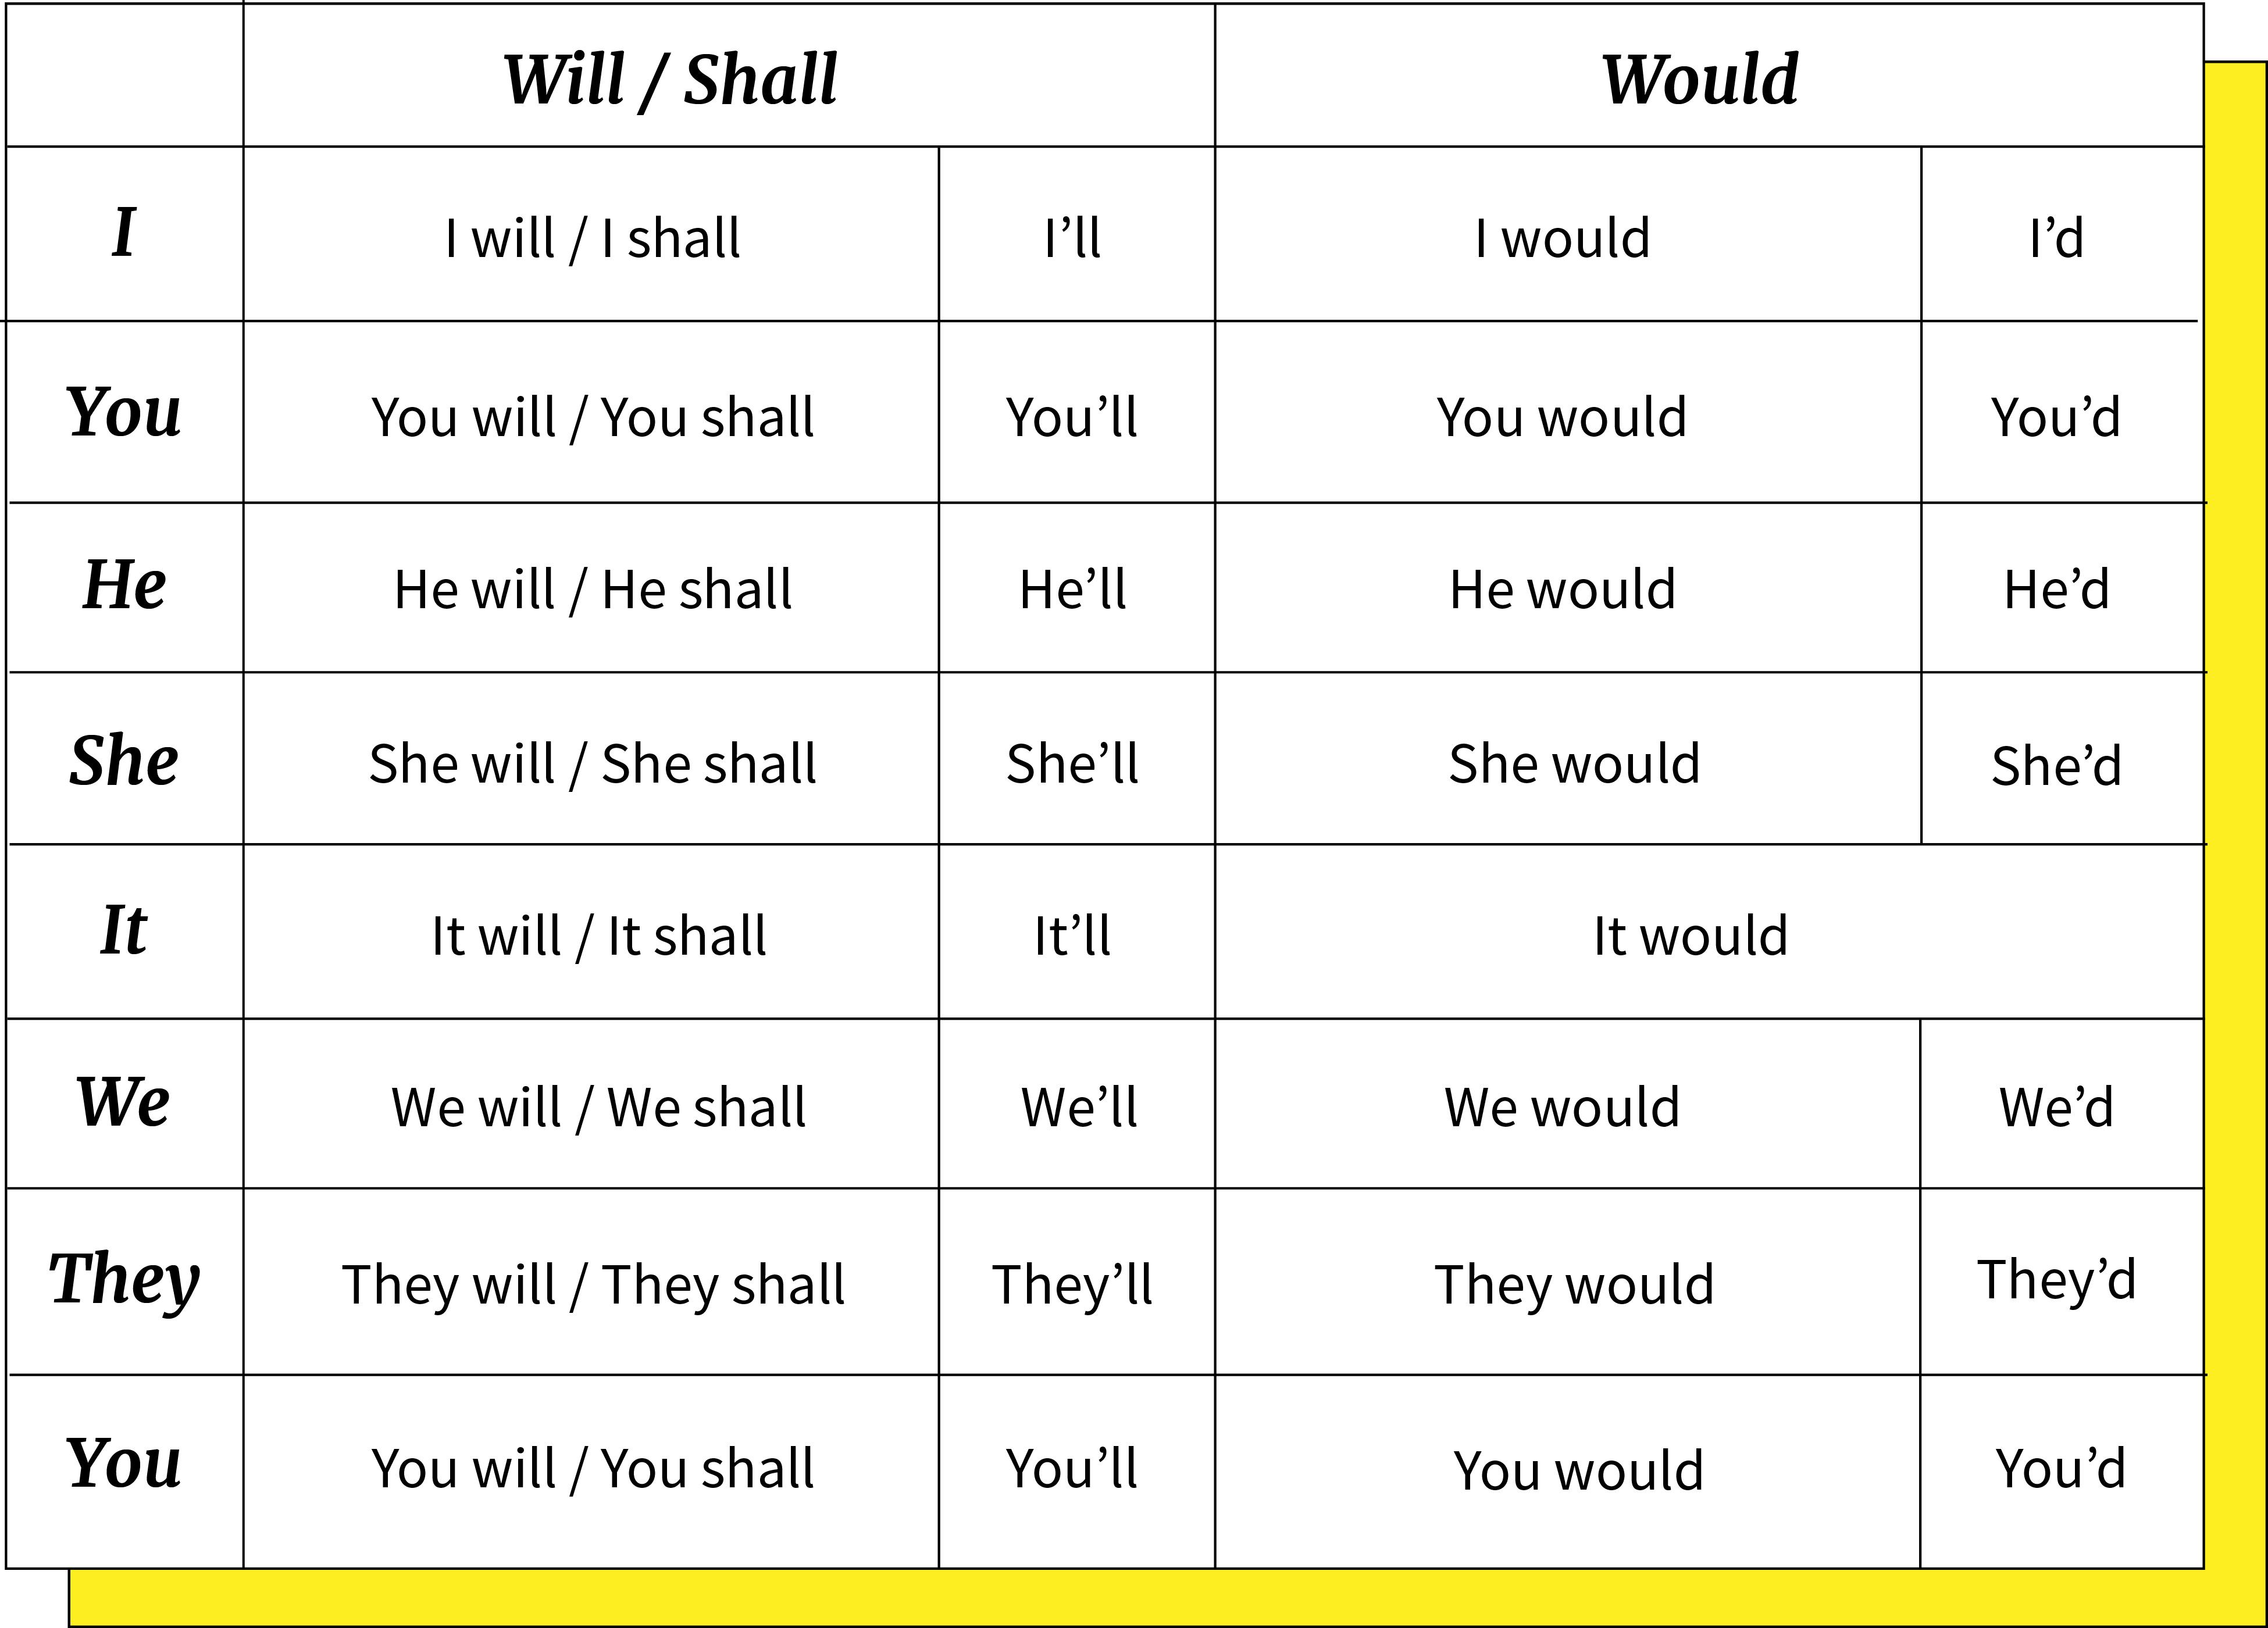 Imagen ejemplo de las contracciones de verbos Will, Shall y Would.